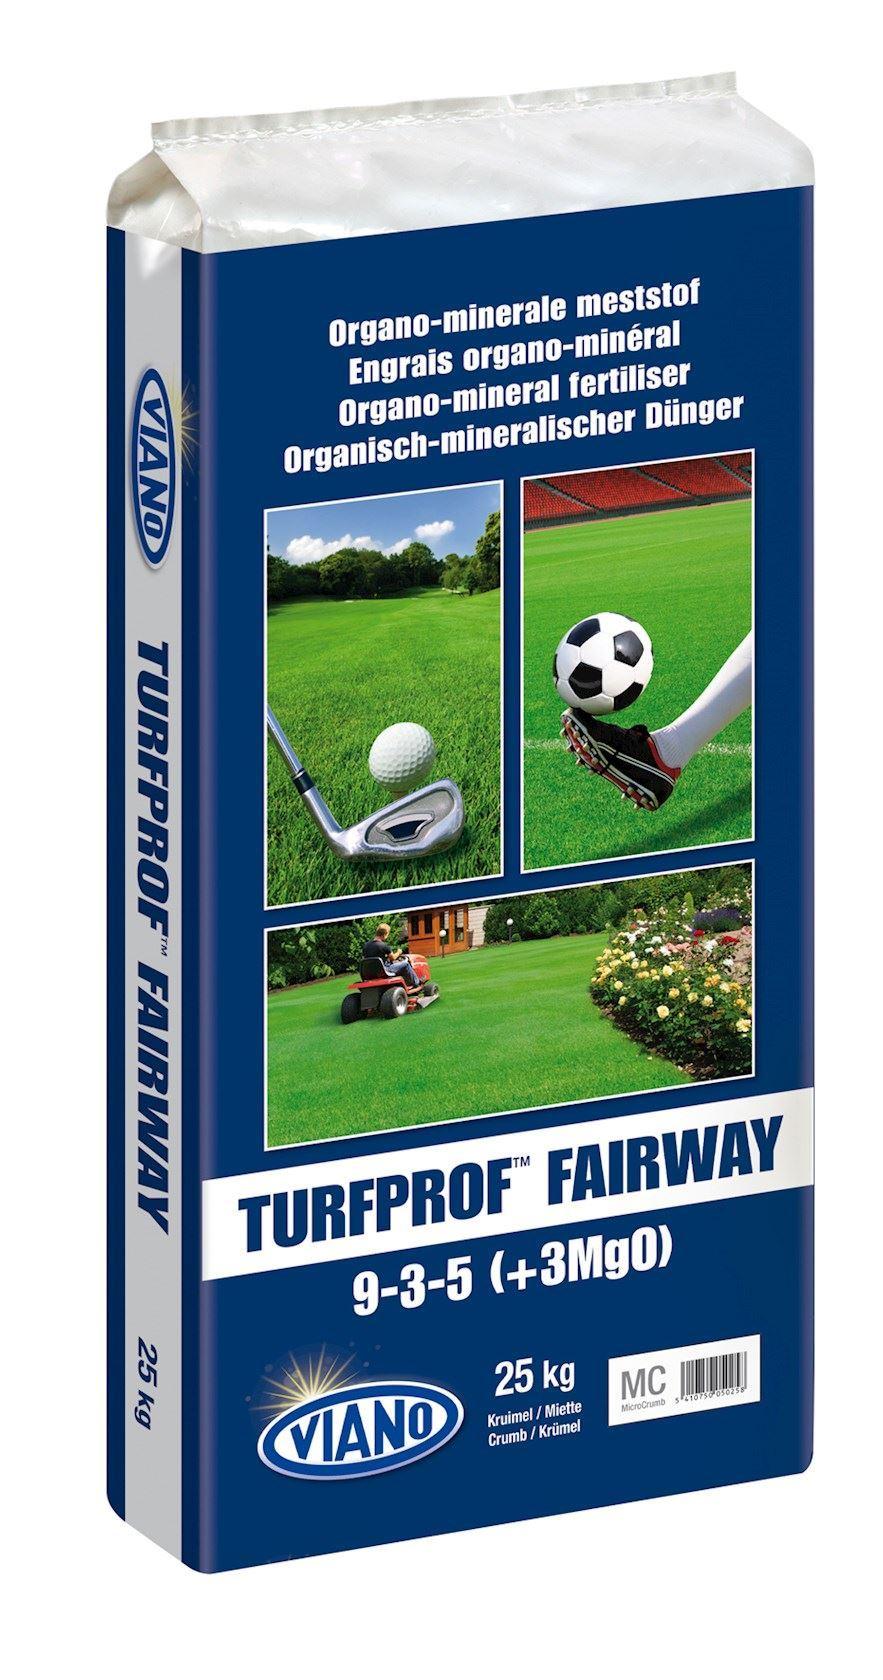 TurfProf-Fairway-25kg-RC-NPK-9-3-5-3MgO-